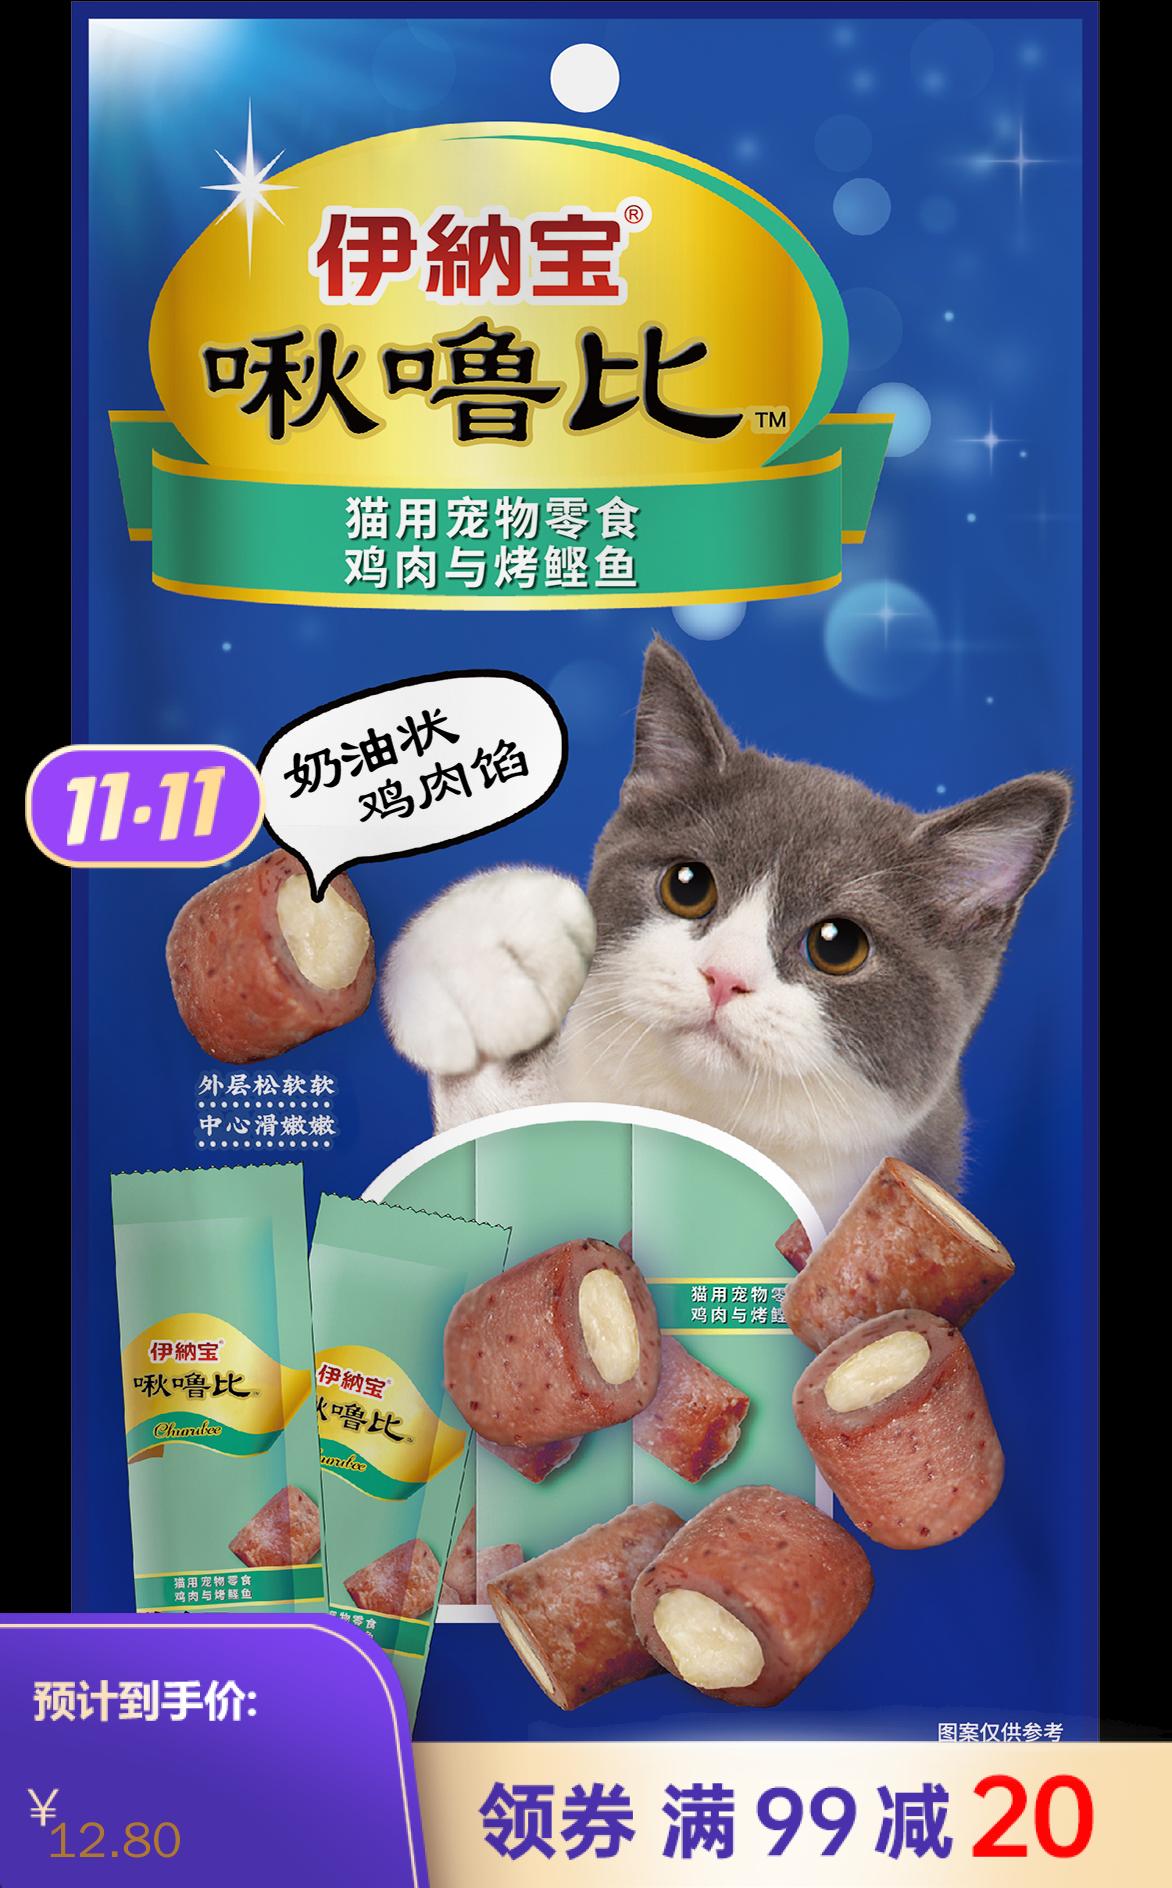 伊纳宝 妙好啾噜比鸡小胸肉和烤鲣鱼新品 10g×4条